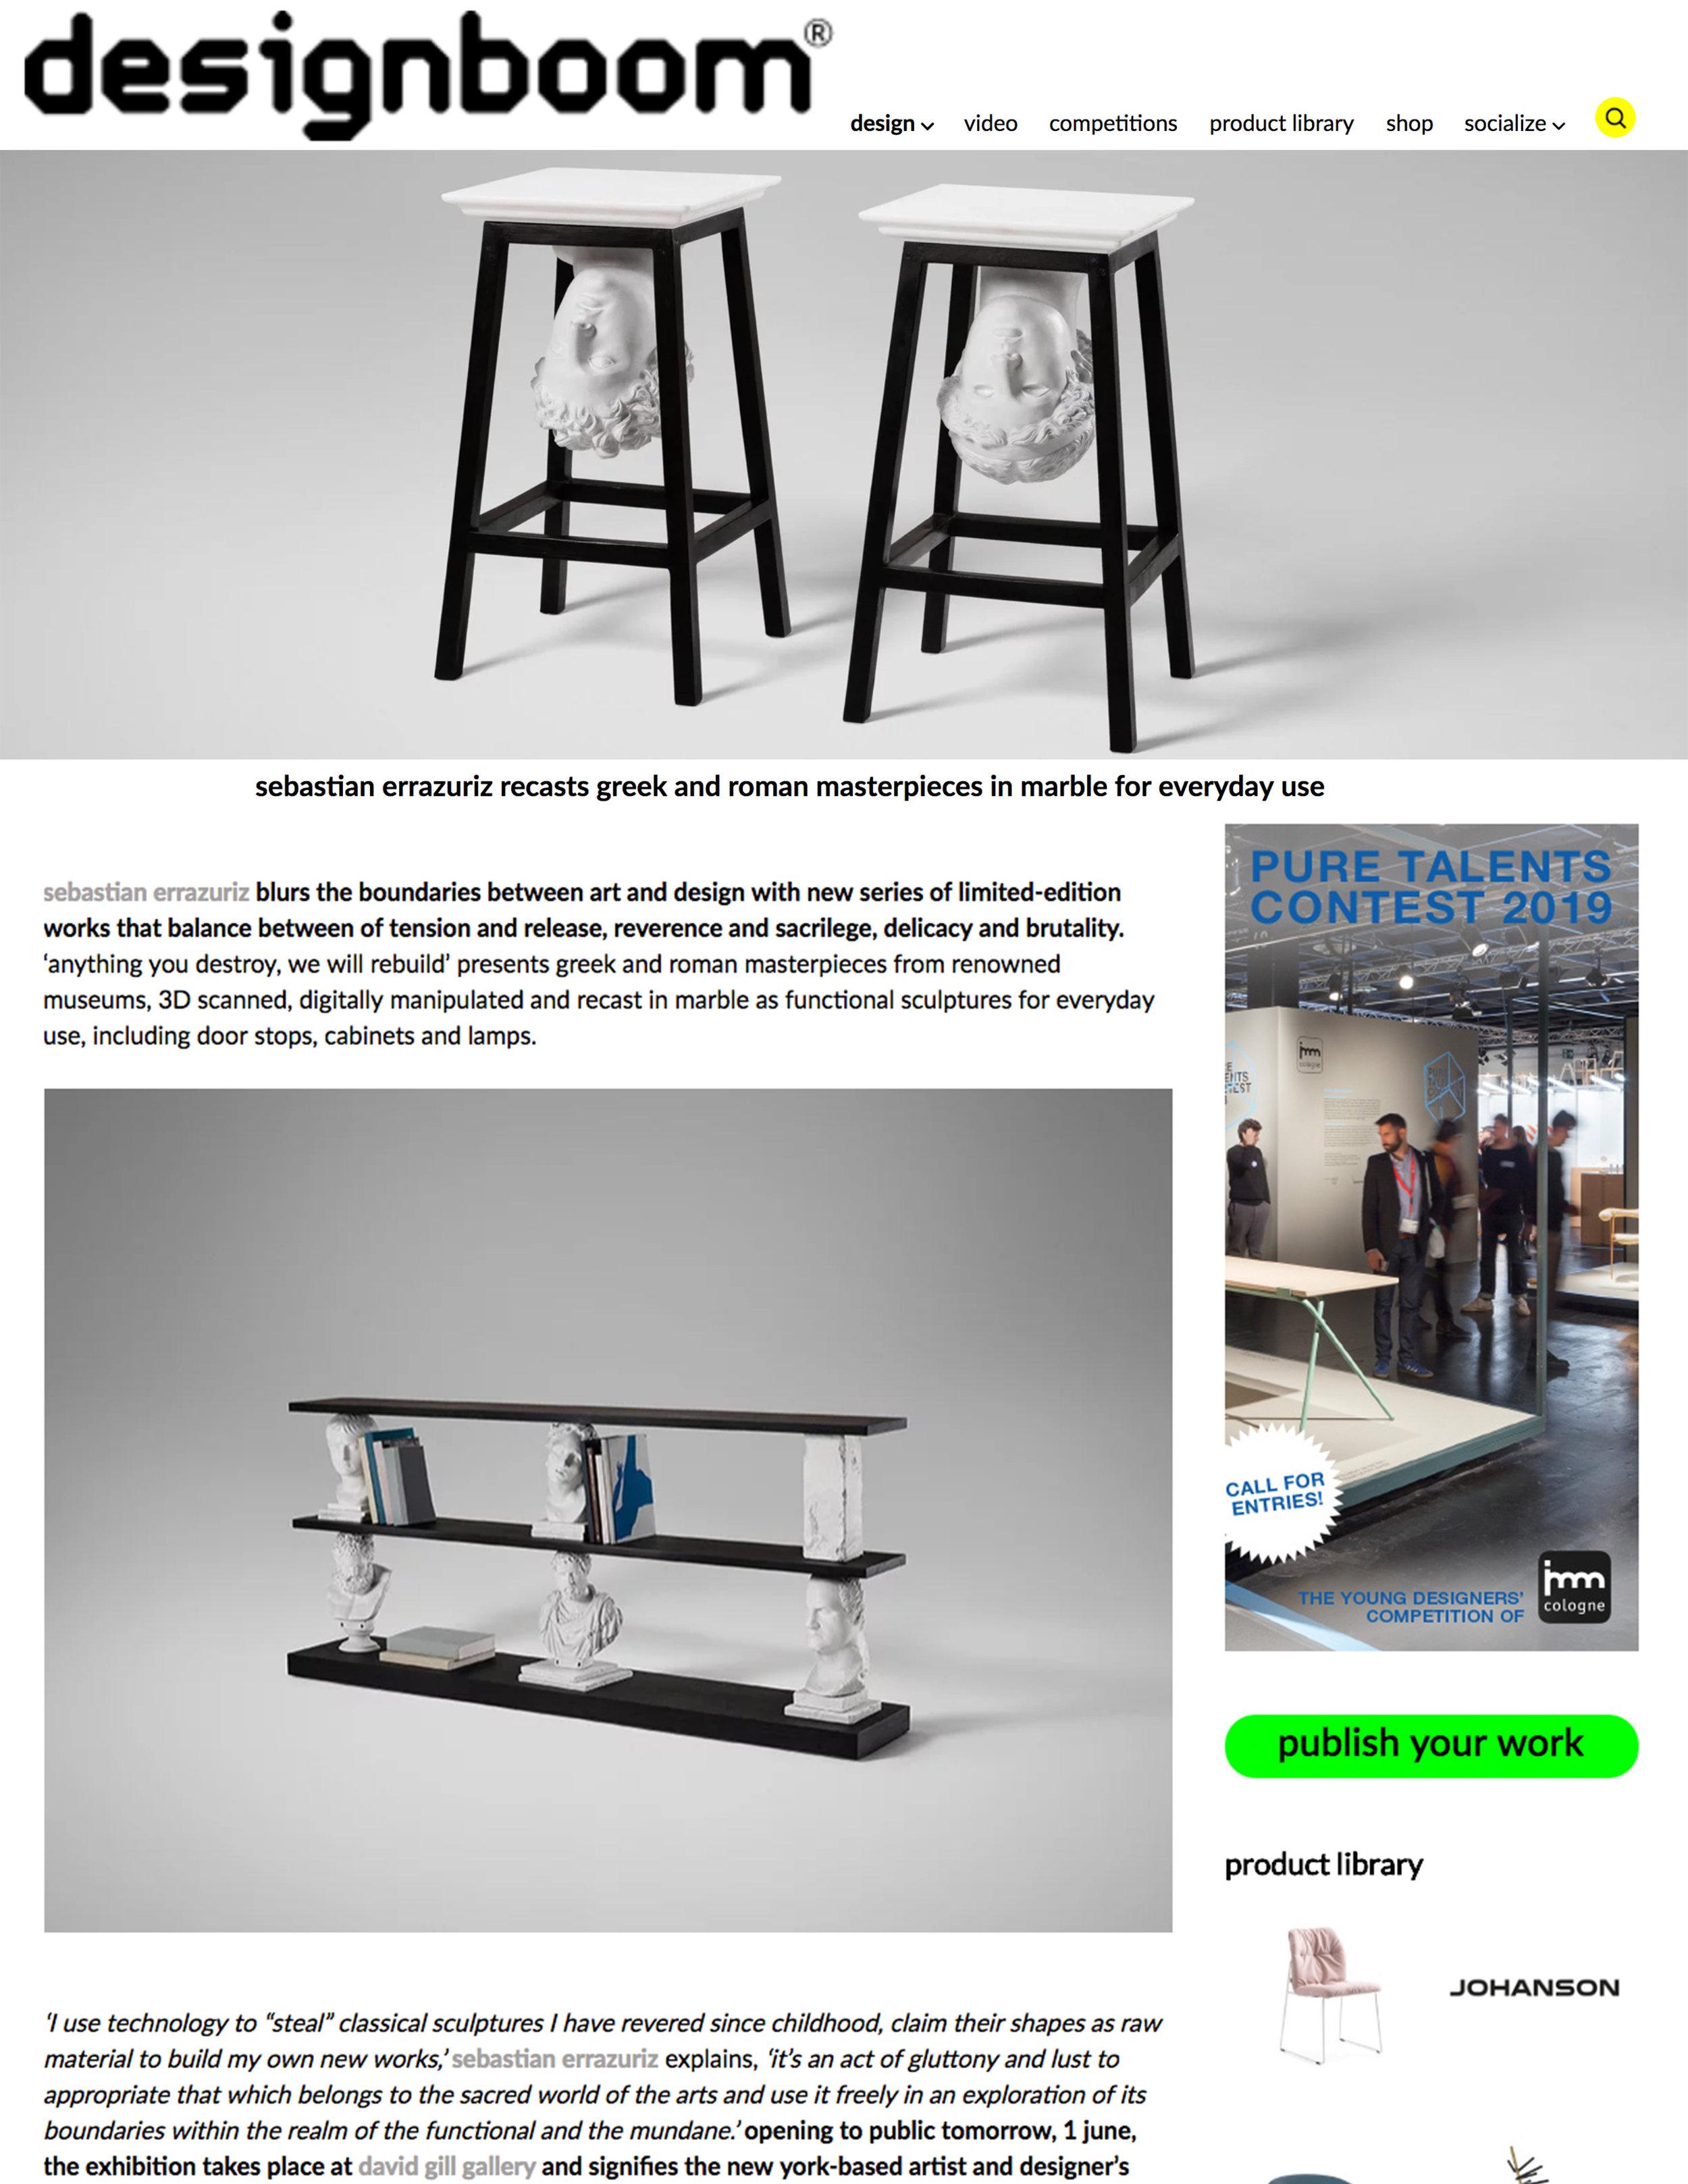 GillPress_Press_mr_Designboomletter_1.jpg